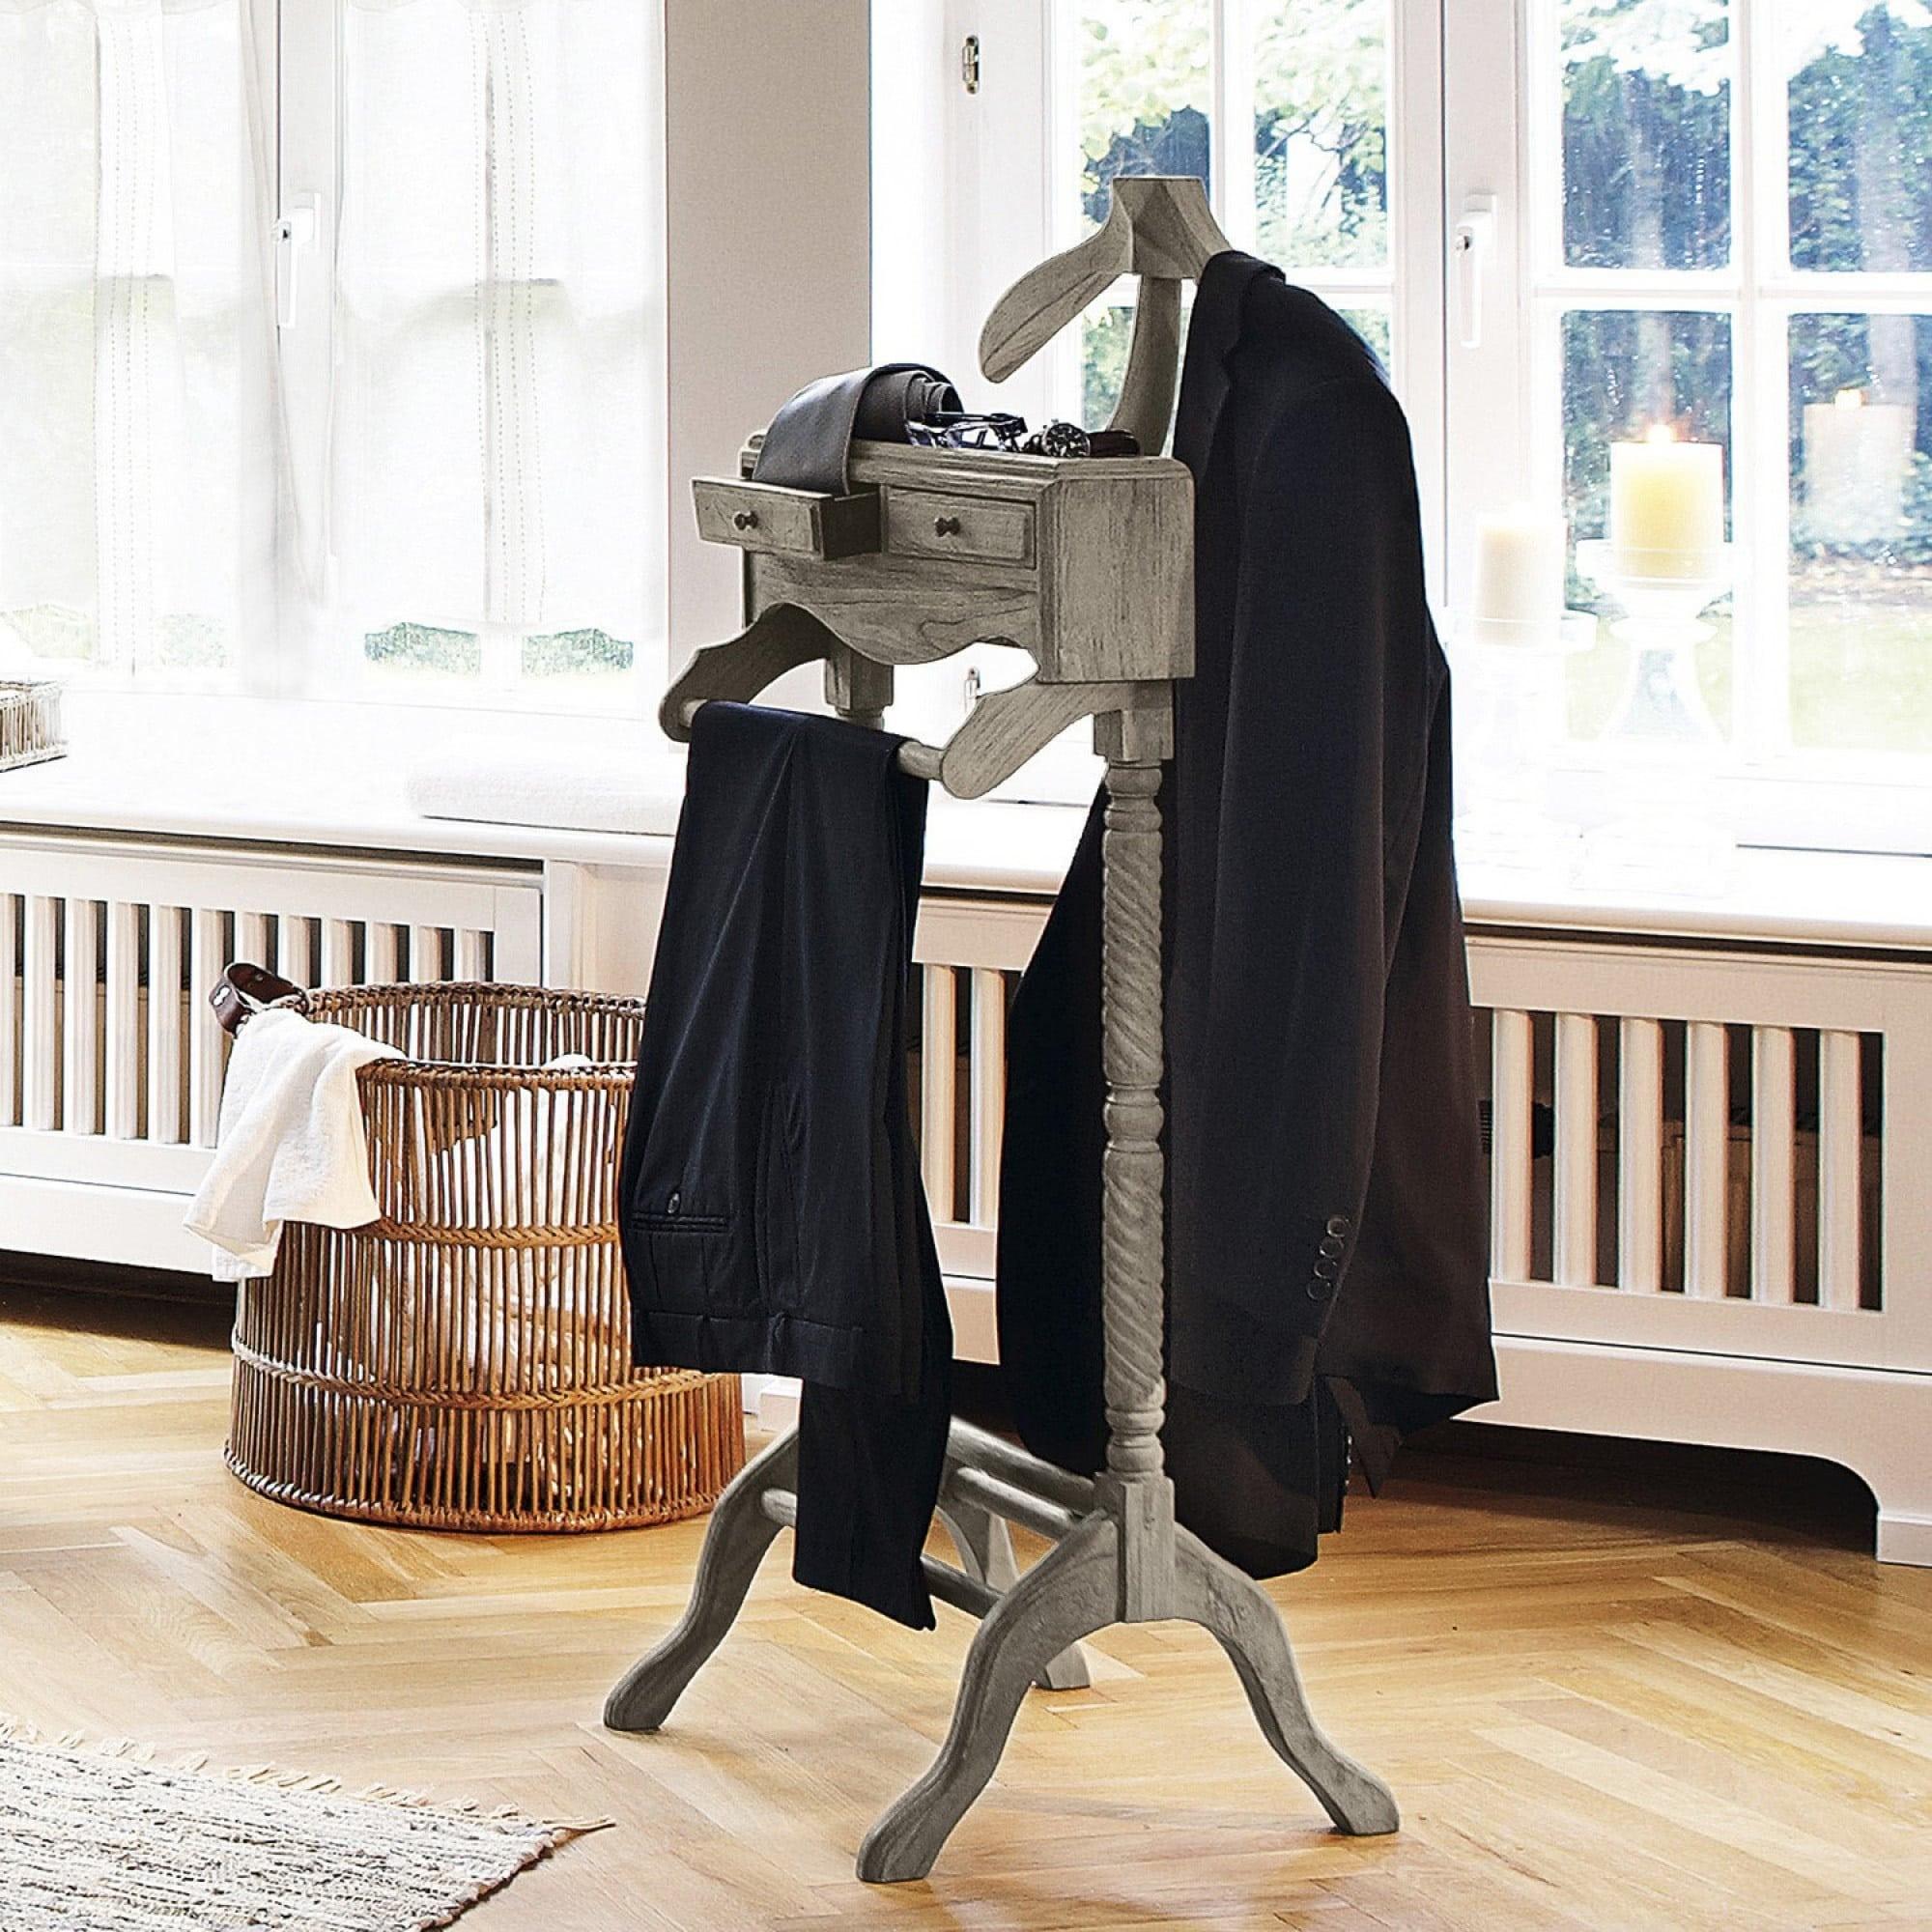 herrendiener doncaster loberon coming home. Black Bedroom Furniture Sets. Home Design Ideas